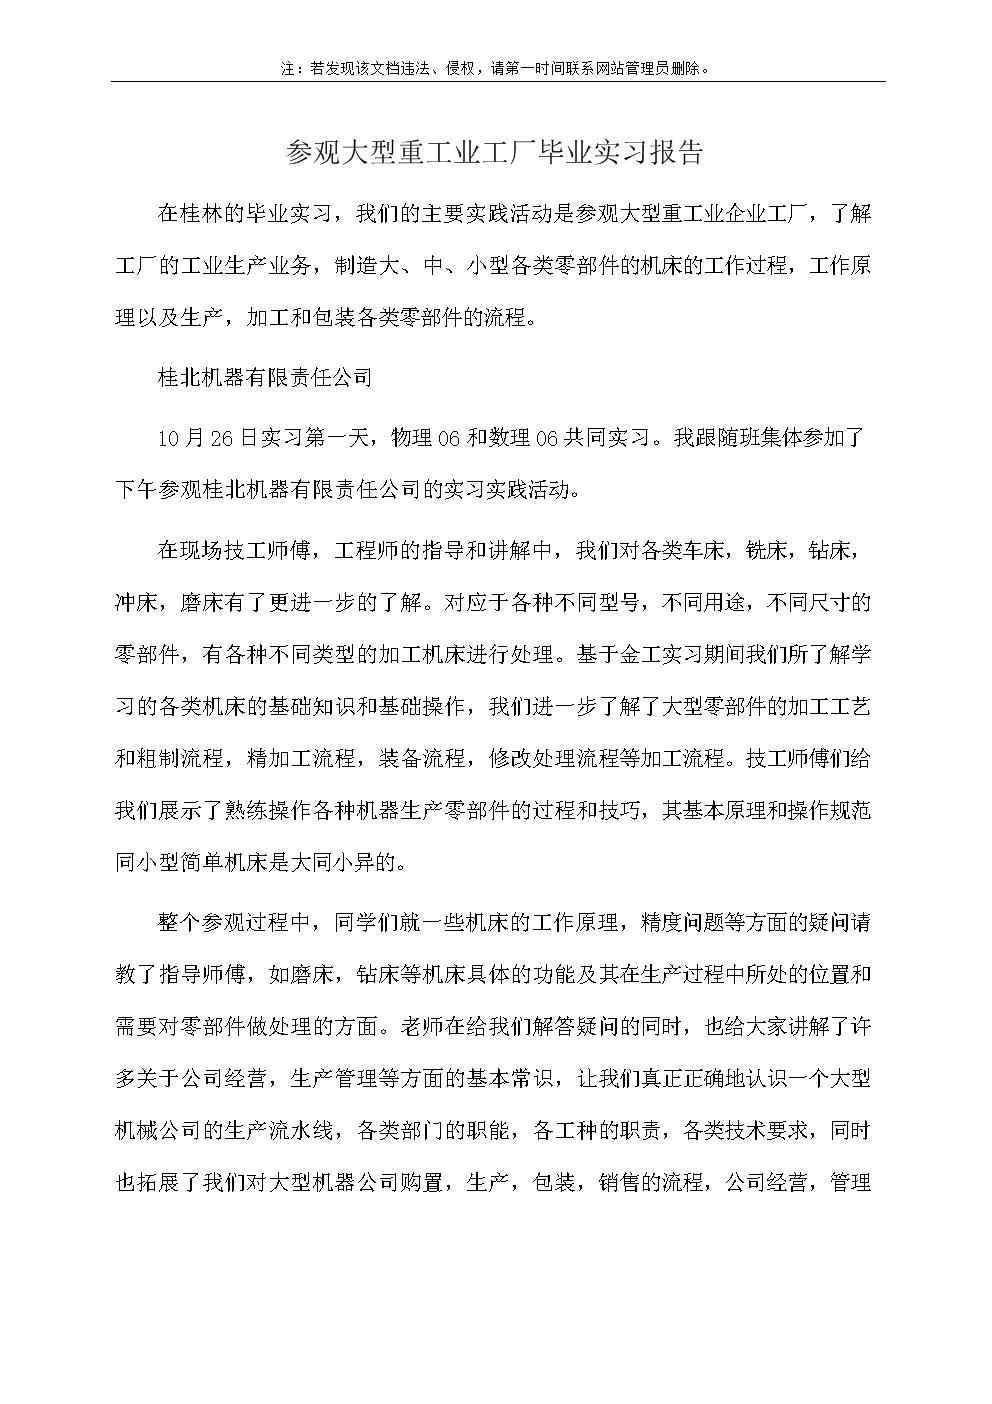 參觀大型重工業工廠畢業實習報告(體會心得).docx